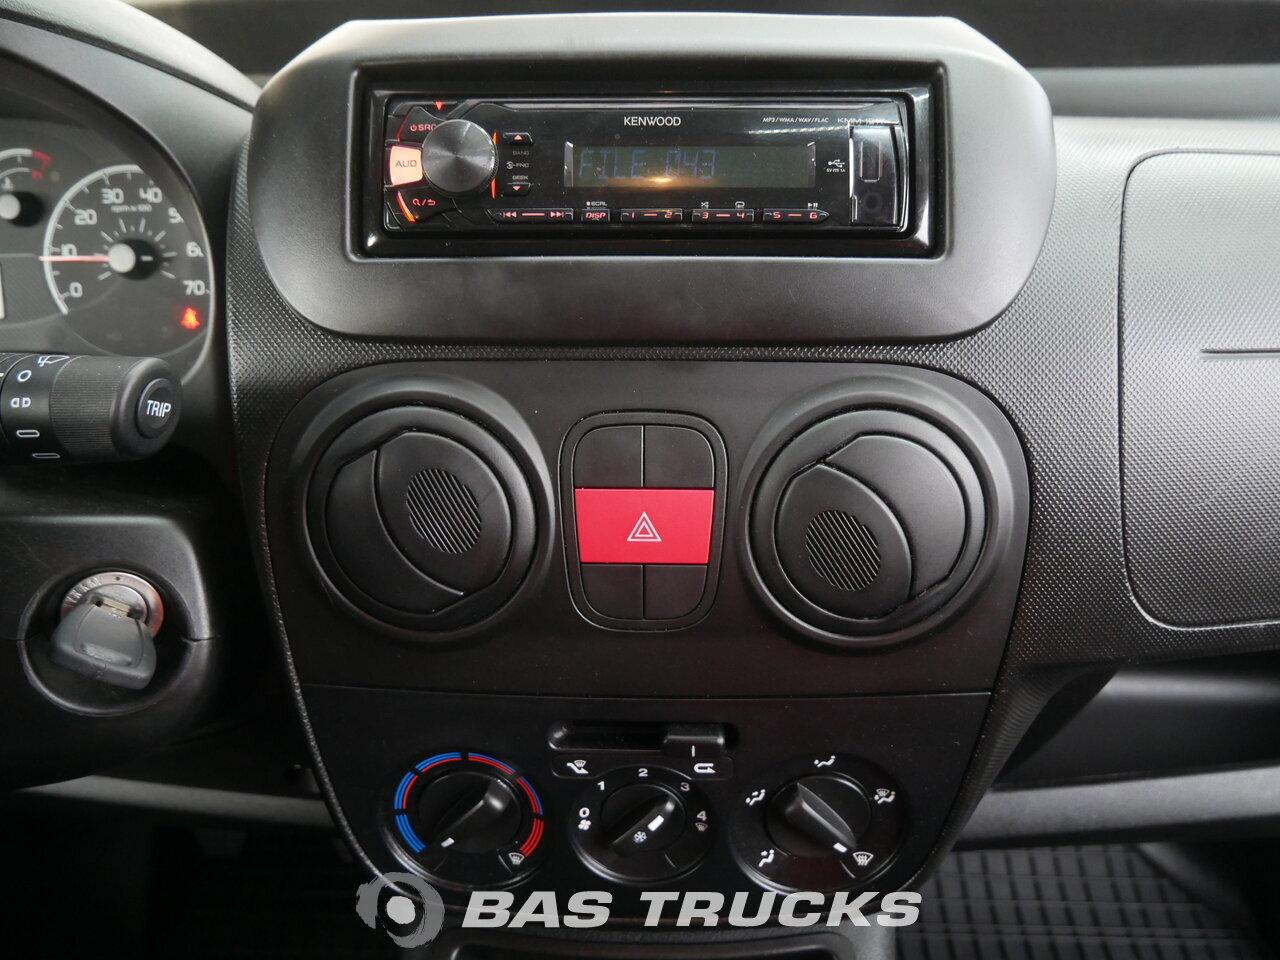 foto di Usato Veicolo commerciale leggero Fiat Fiorino 2015